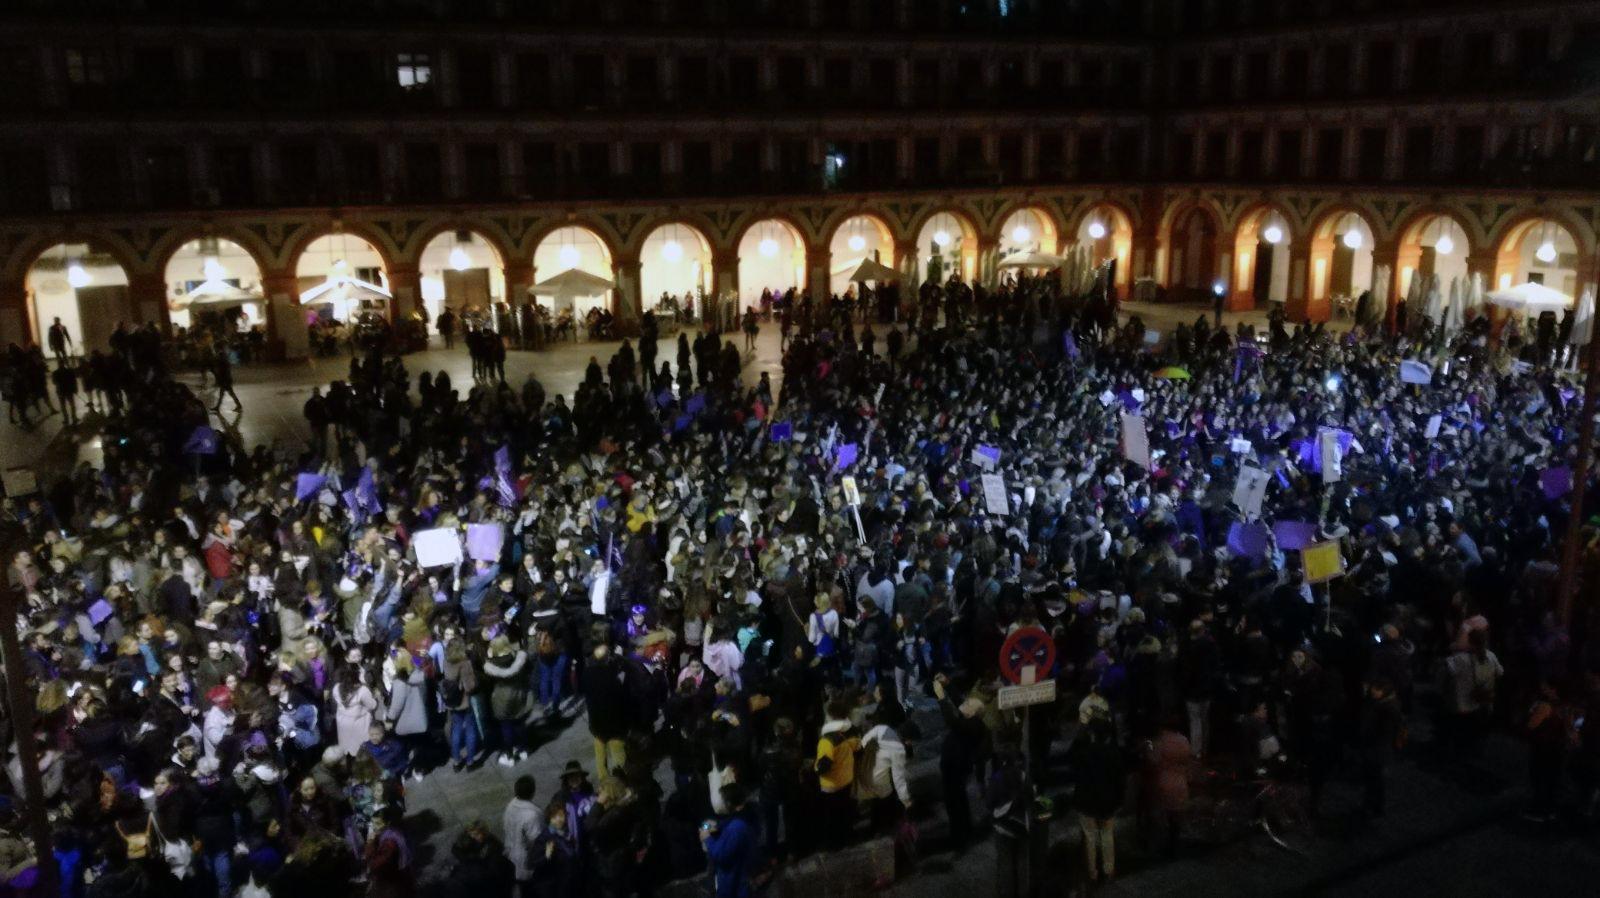 El Movimiento Feminista hace historia: más de 15 mil personas reivindican la igualdad en Córdoba